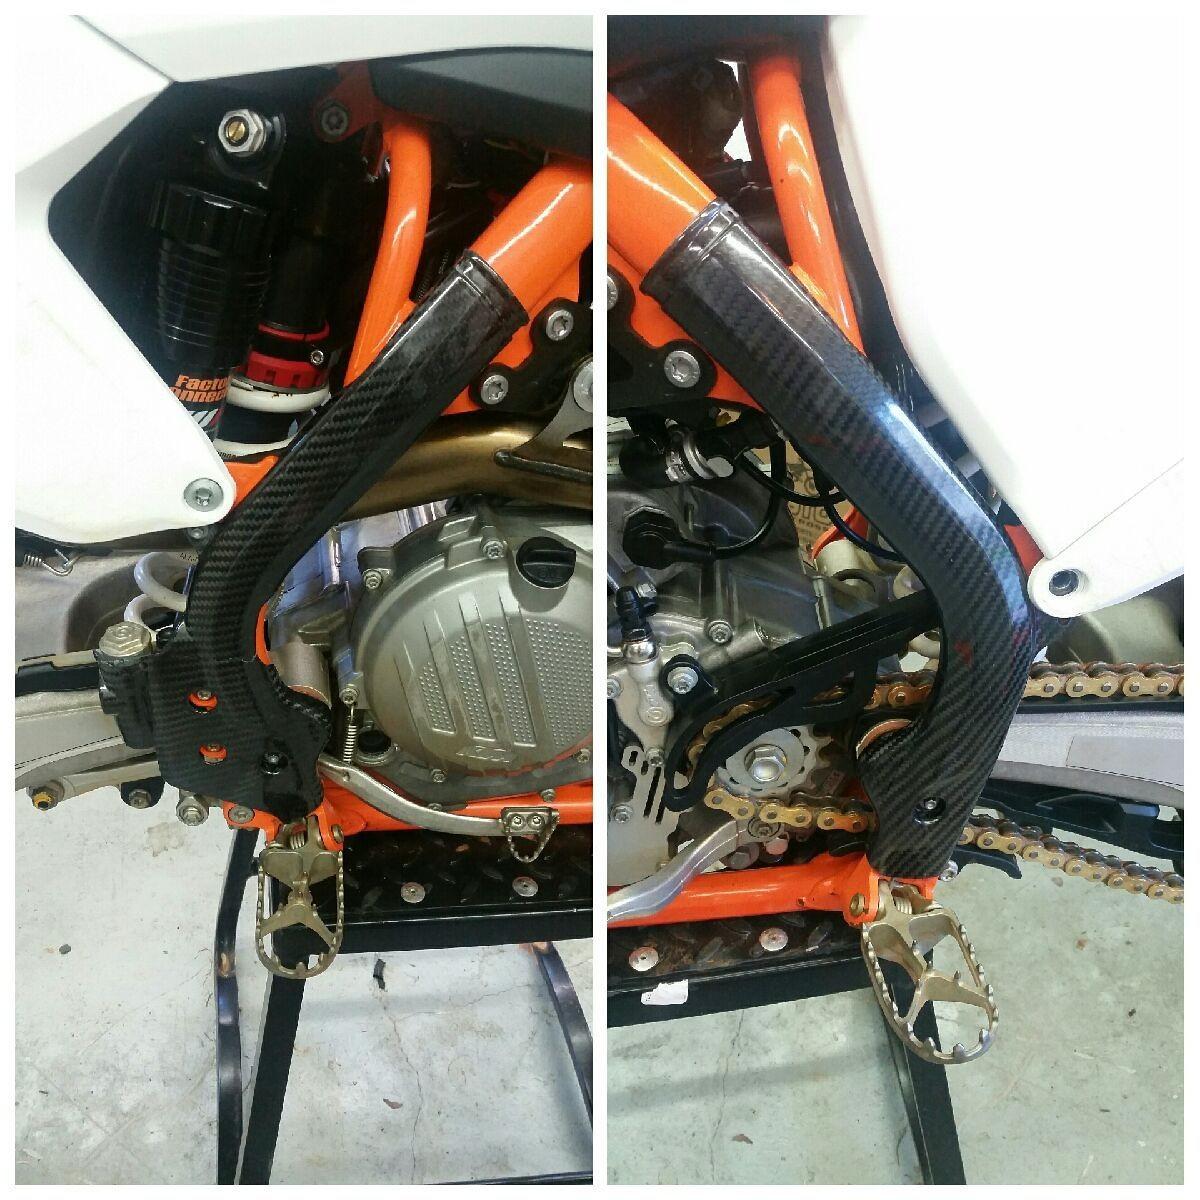 16-18 ktm sxf carbon fiber frame guards - For Sale/Bazaar ...